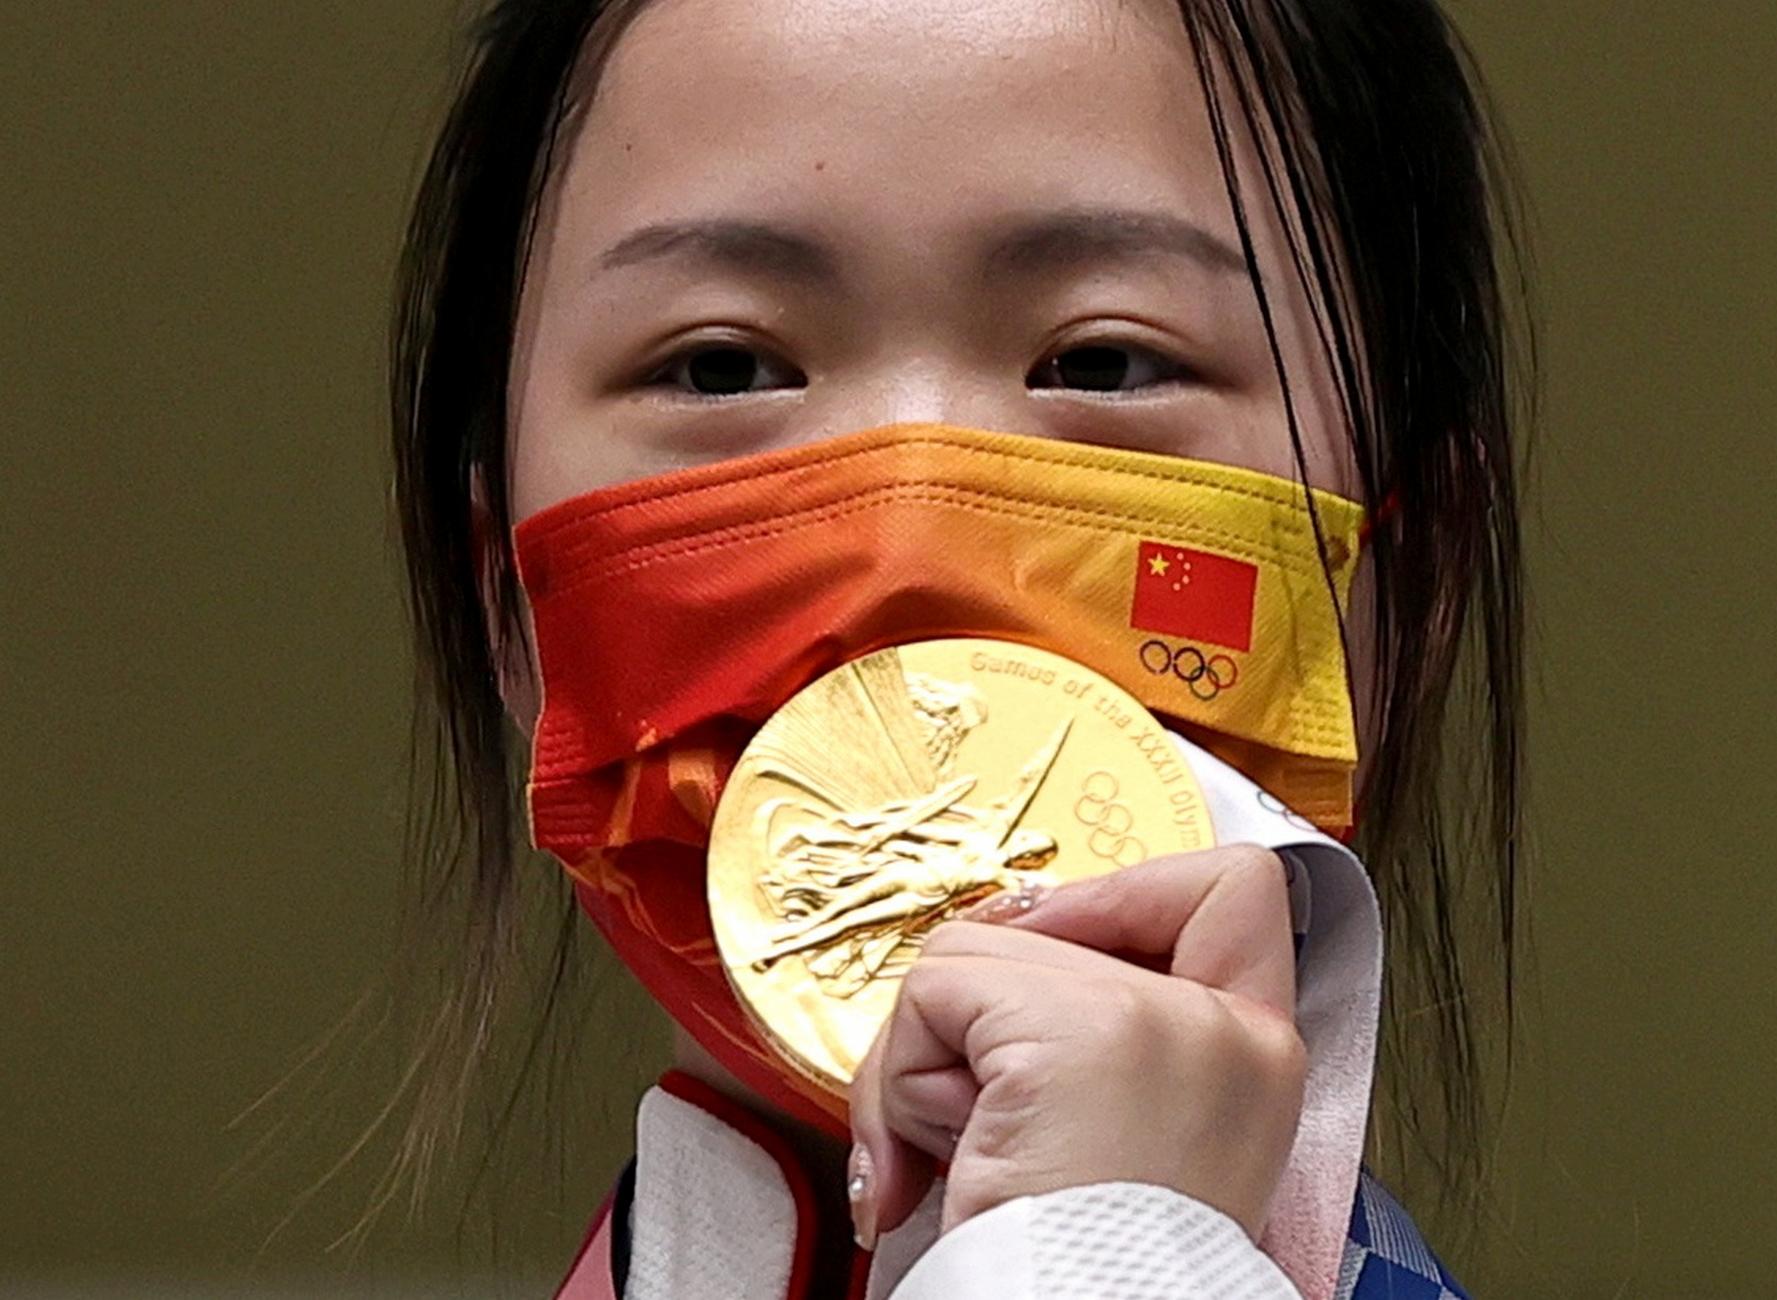 Ολυμπιακοί Αγώνες: Ο πίνακας των μεταλλίων στην πρώτη ημέρα – Πρώτη η Κίνα, κανένα οι ΗΠΑ